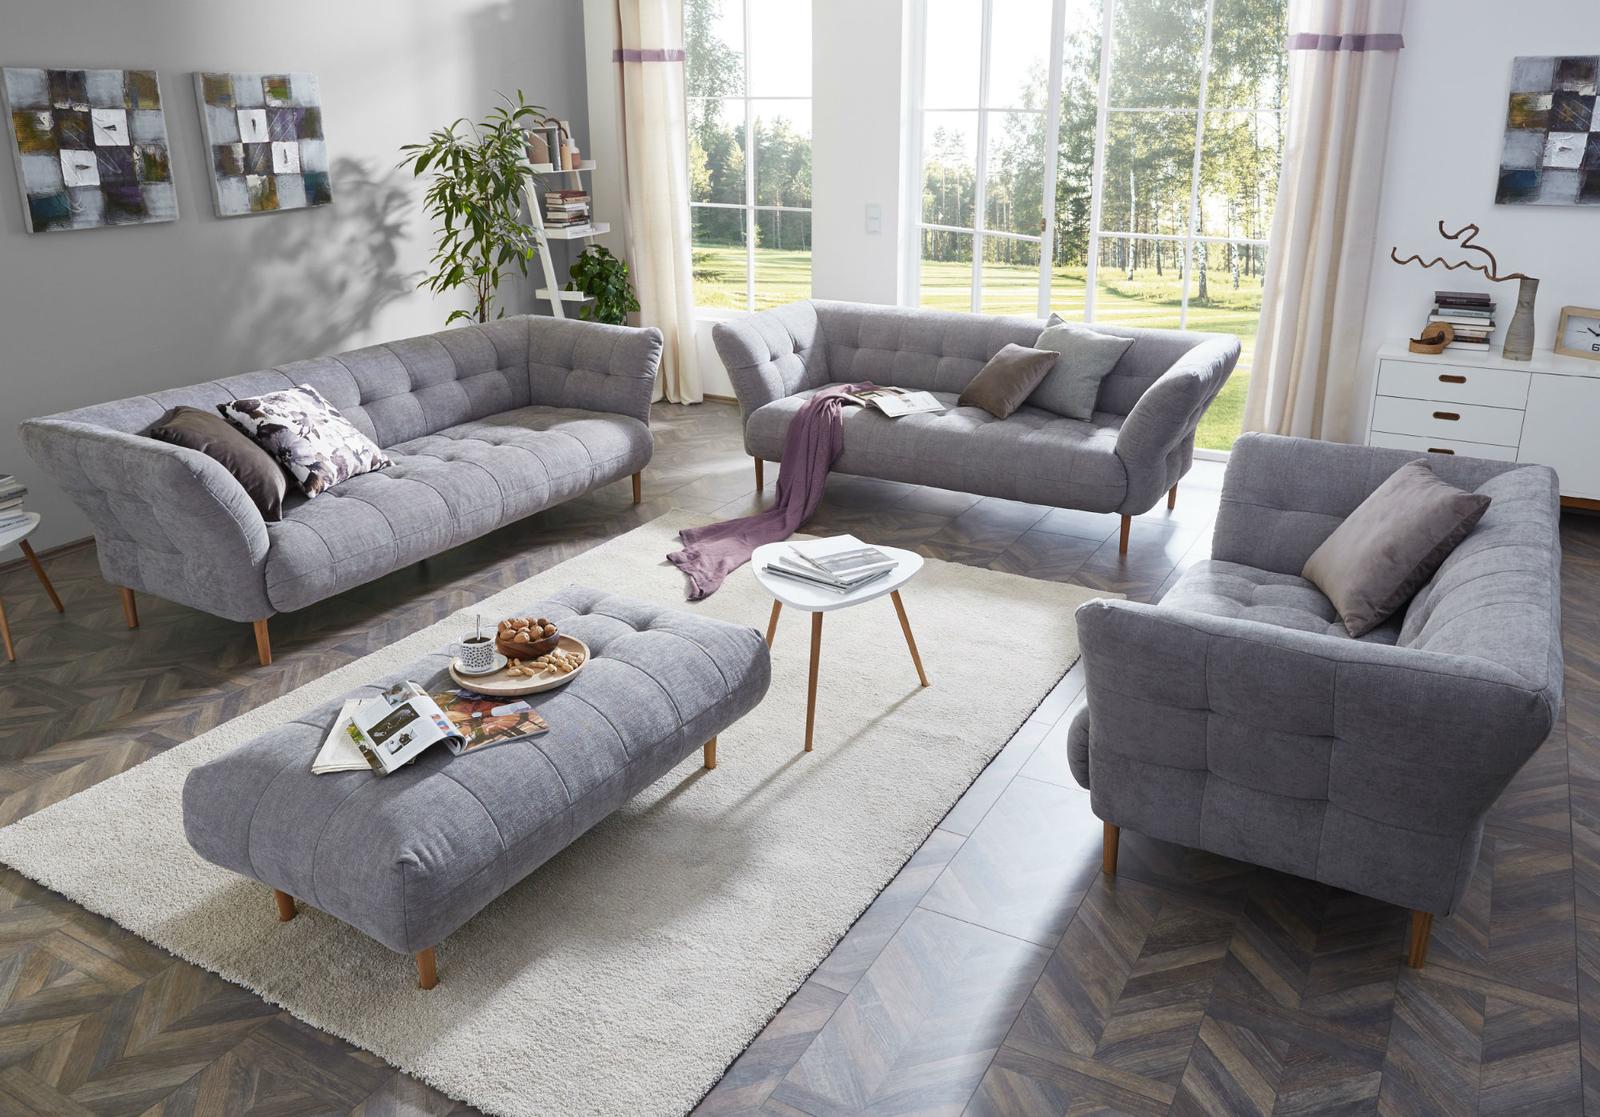 Polstermöbel Sitzgruppe Modern Landhaus, 8-Sitzer mit 8 Armlehnen 840 cm,  Yelda light grey